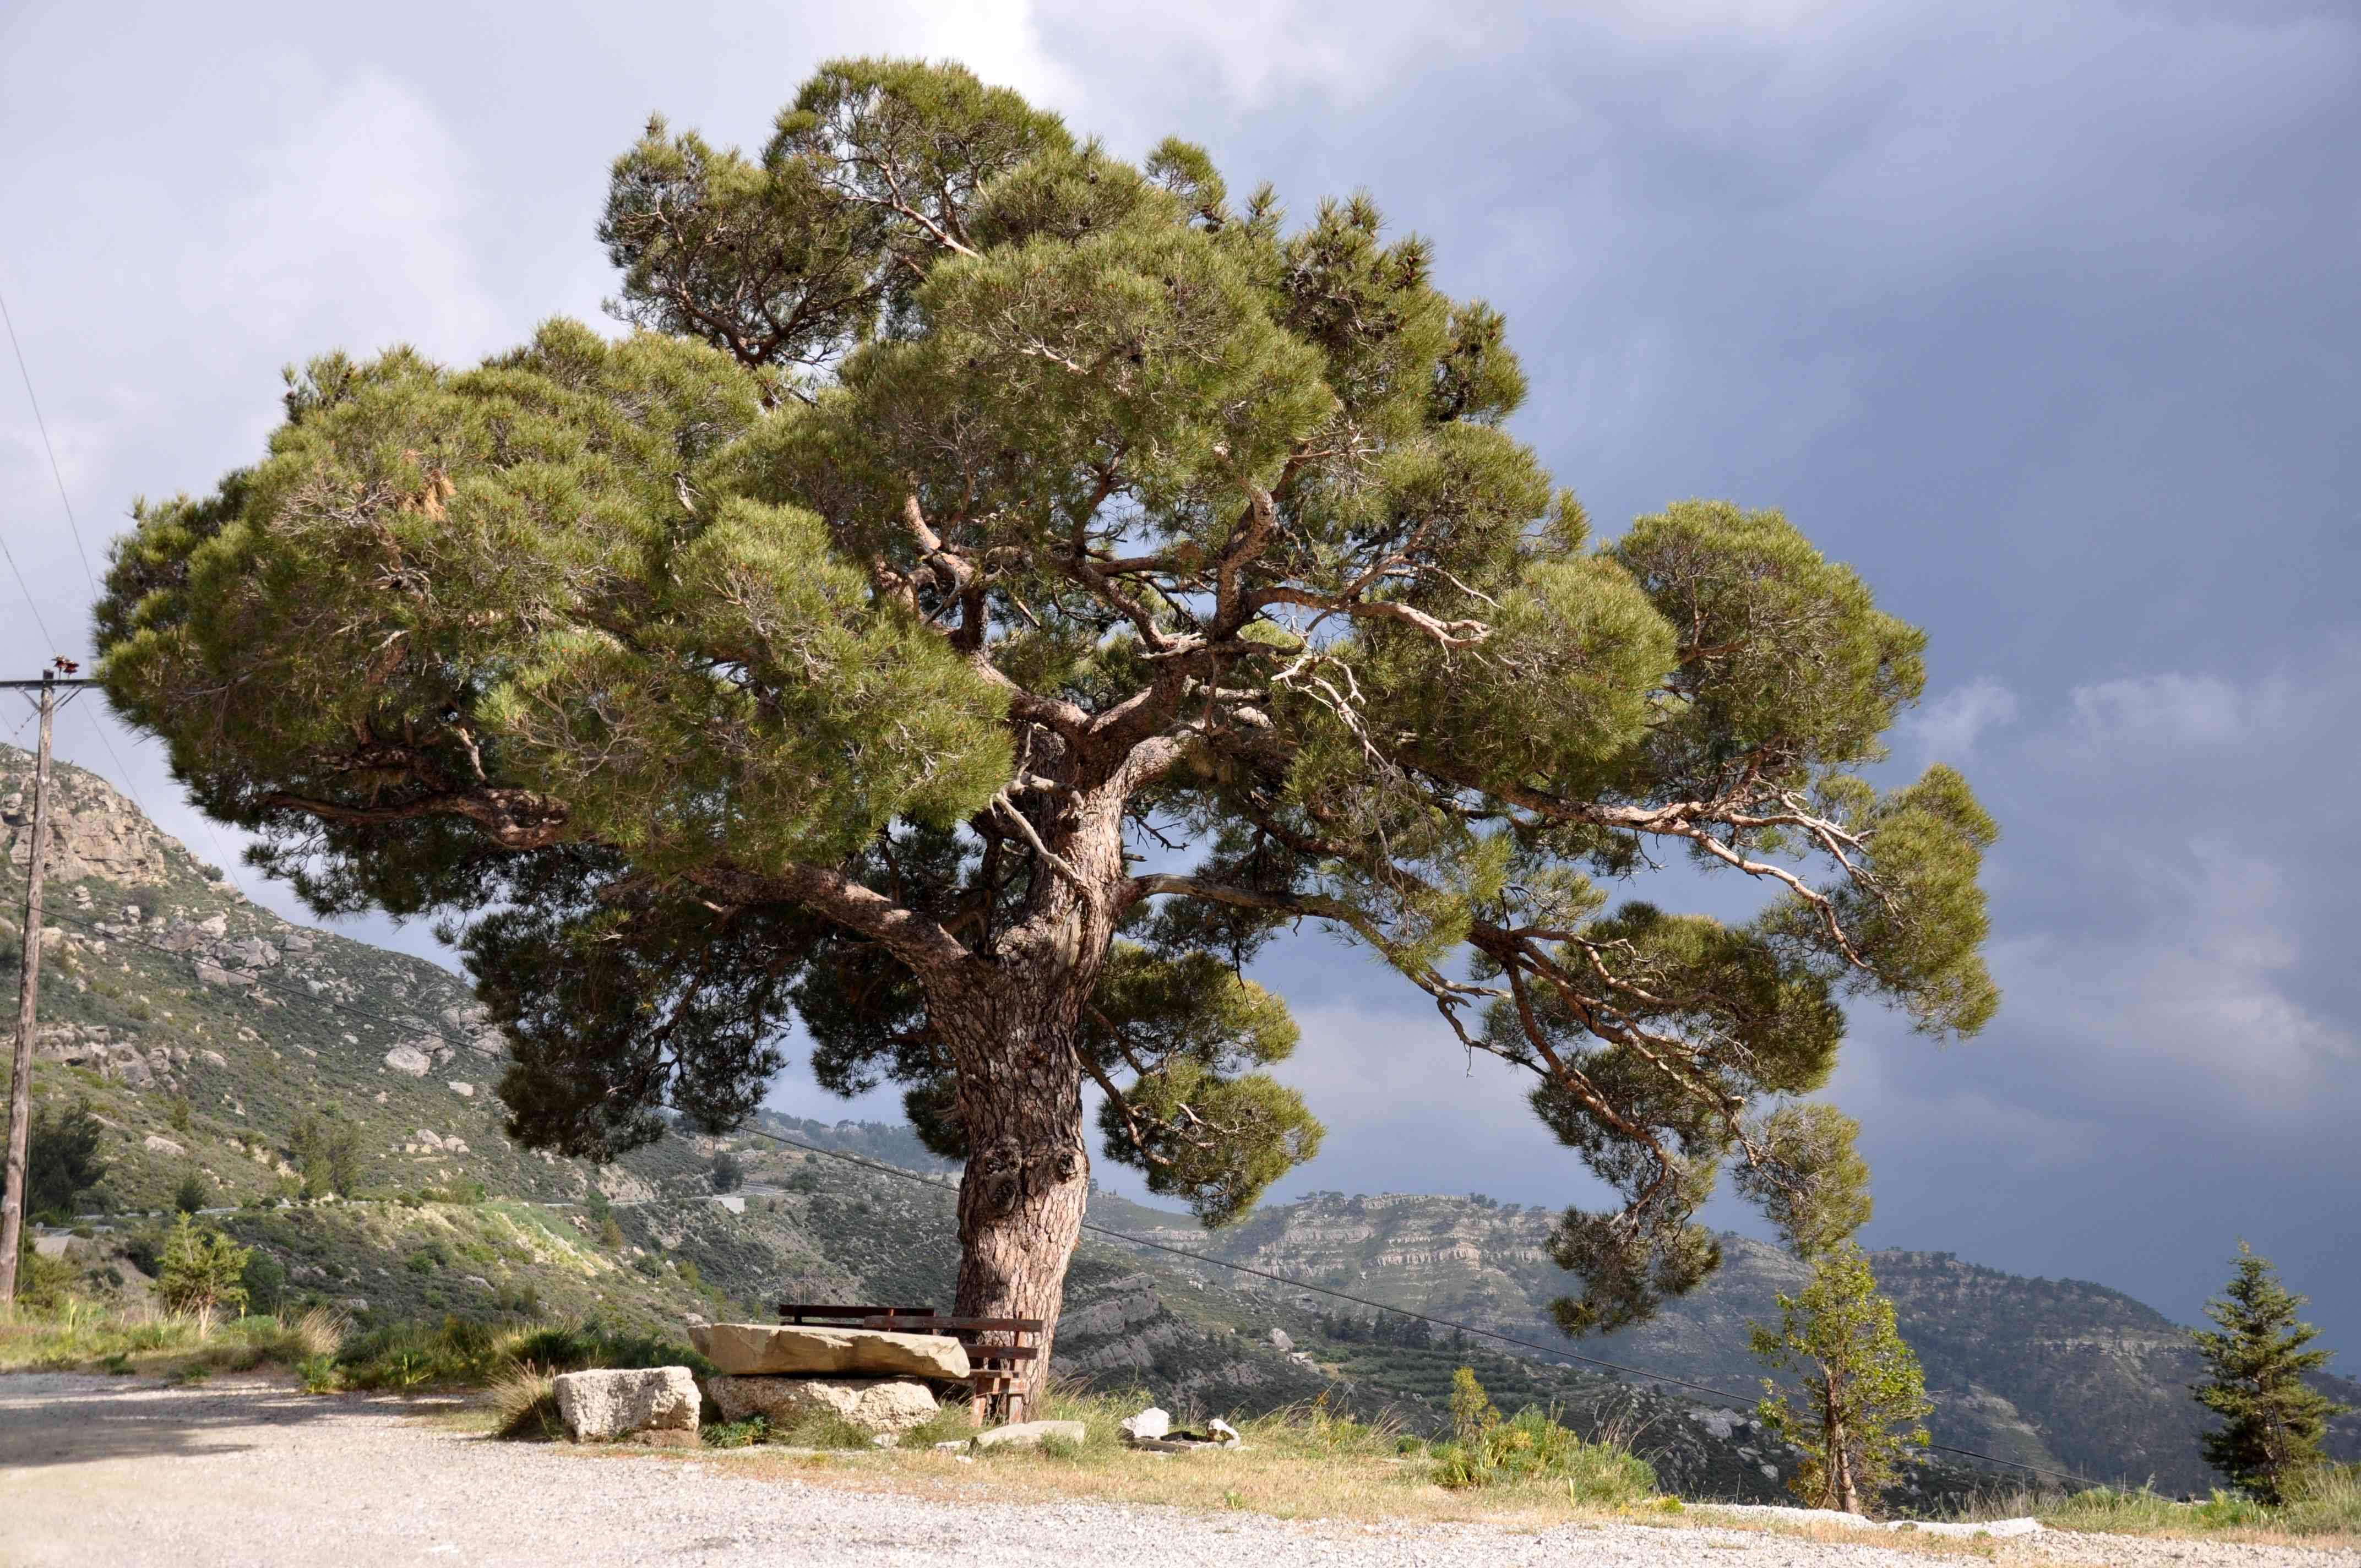 Offroad auf Kreta unterwegs   Land Rover Adventure Tour Greece 2015 sonne land und leute griechenland europa  tui berlin kreta berg dikti